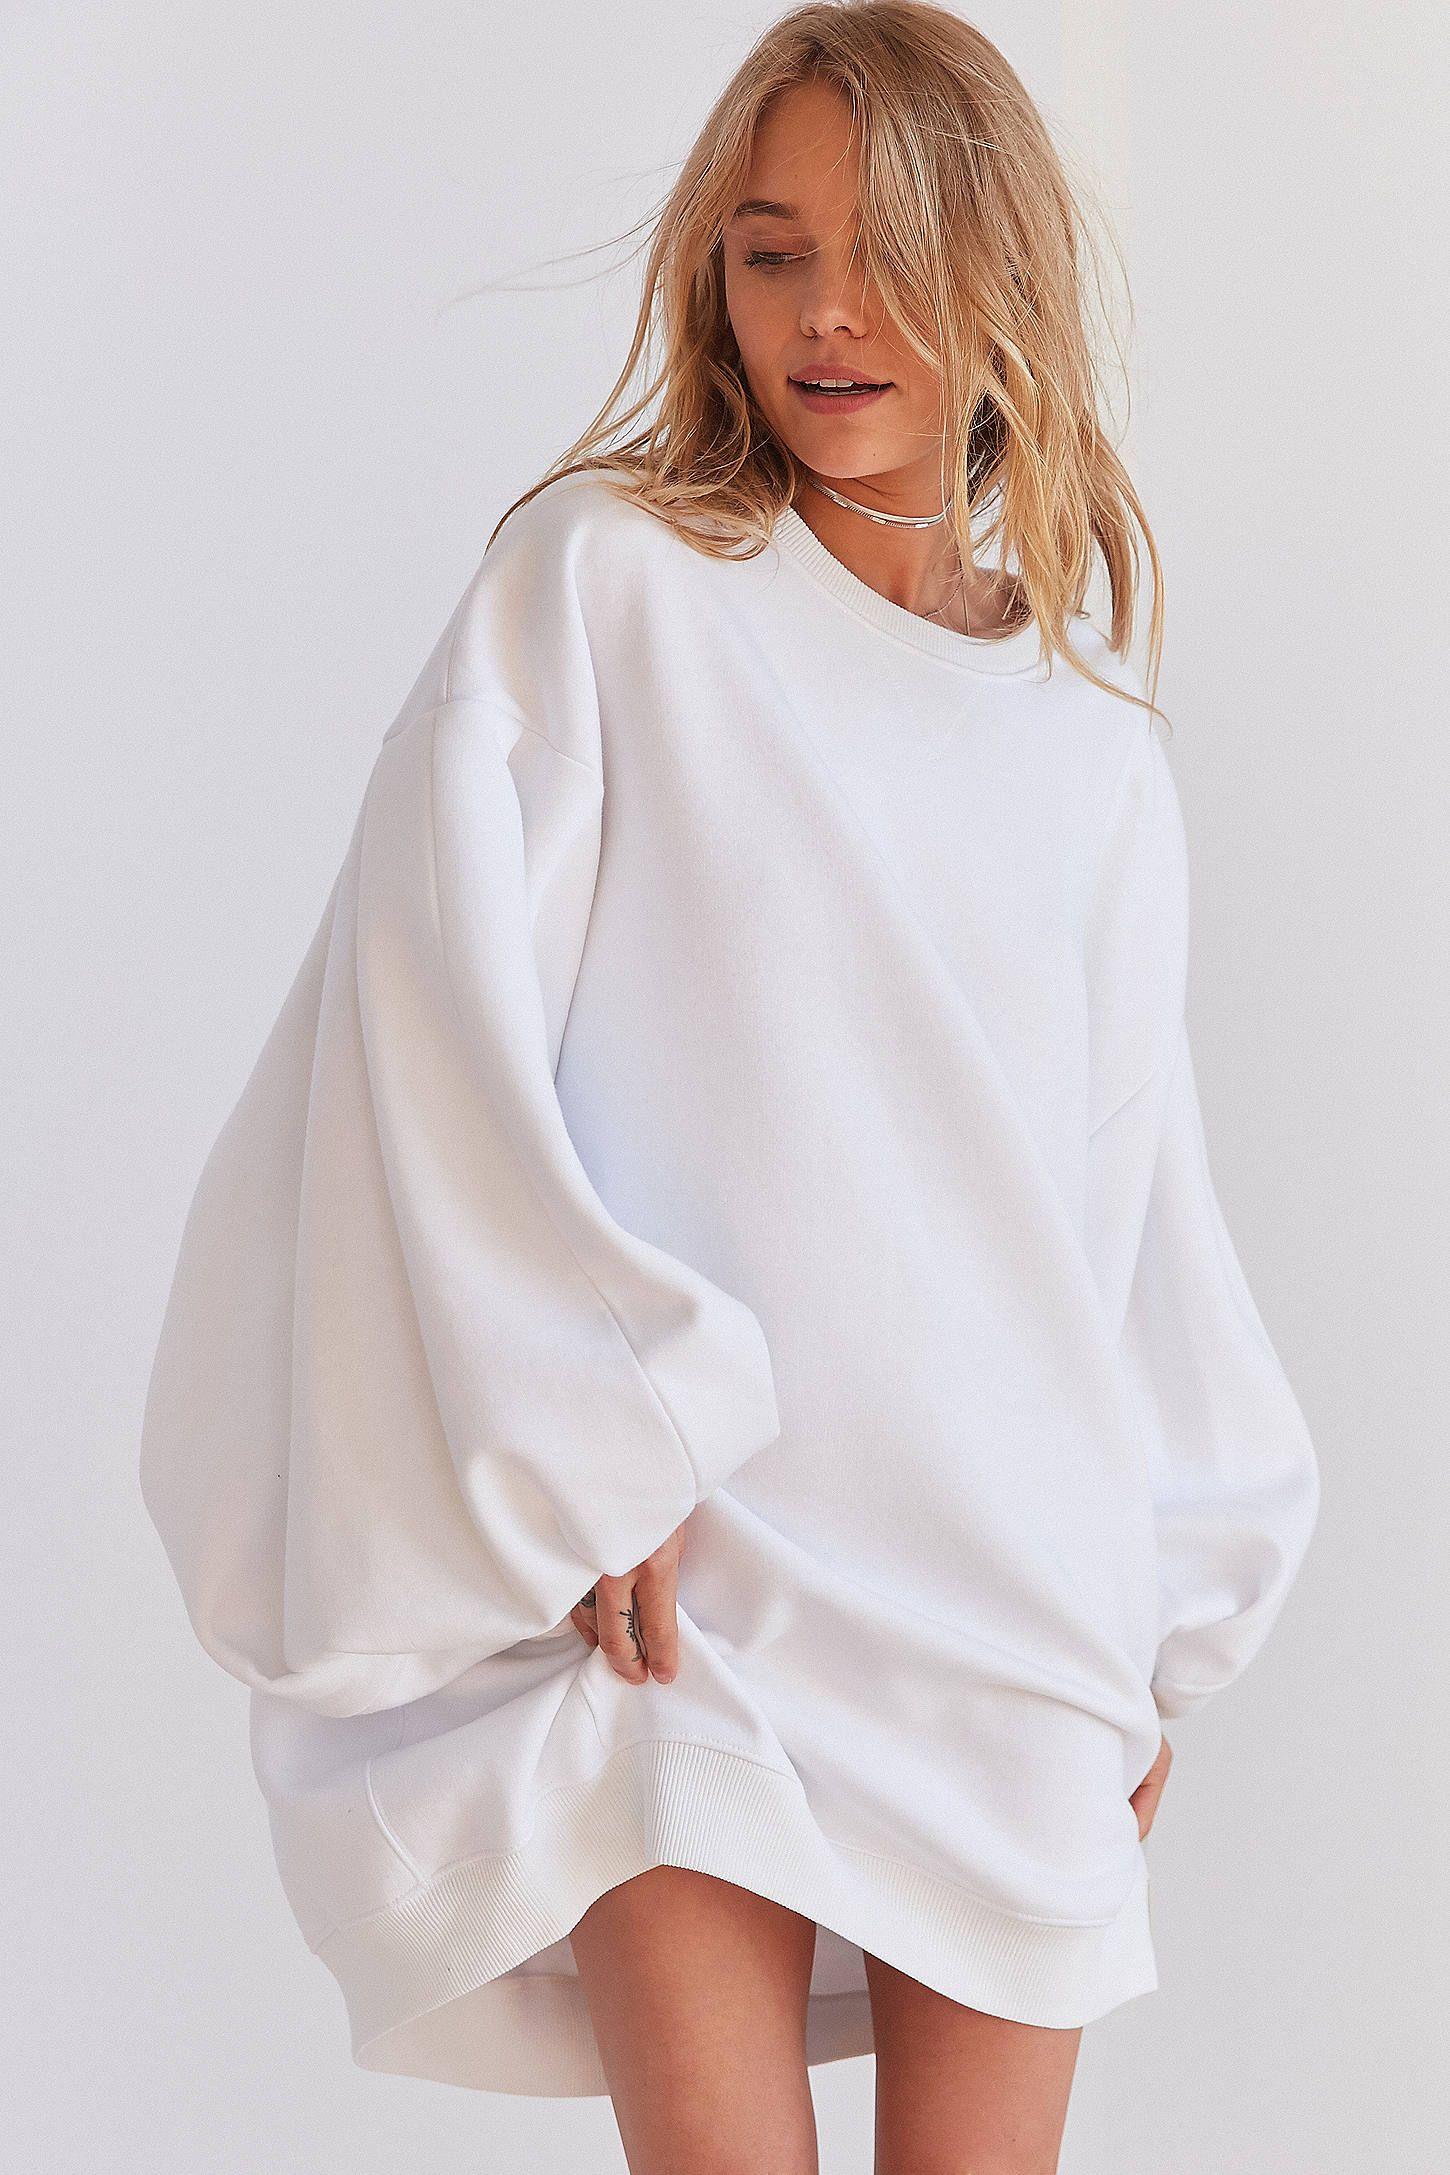 ccf7d73fd4e818 Slide View: 1: Silence + Noise Anna Oversized Sweatshirt Dress Silence +  Noise Anna